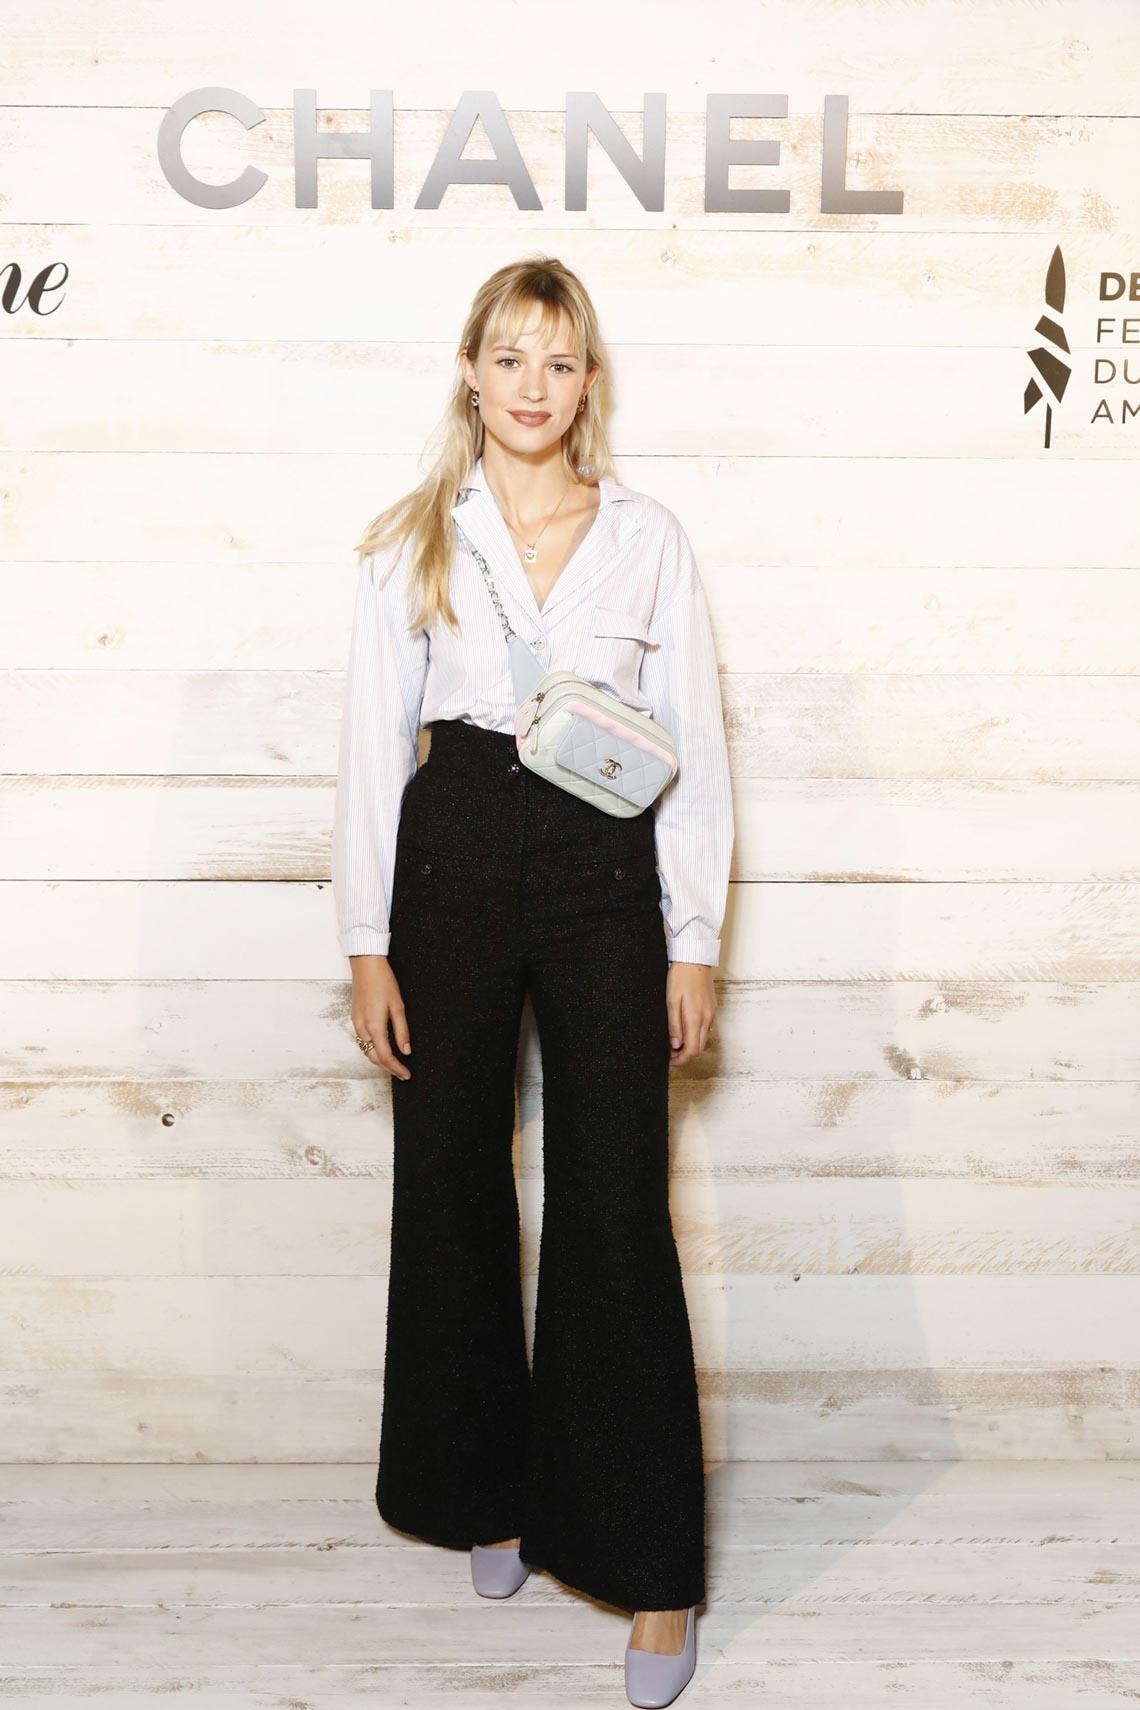 Chanel đồng hành Liên hoan phim Deauville lần thứ 45 ở Mỹ - 1